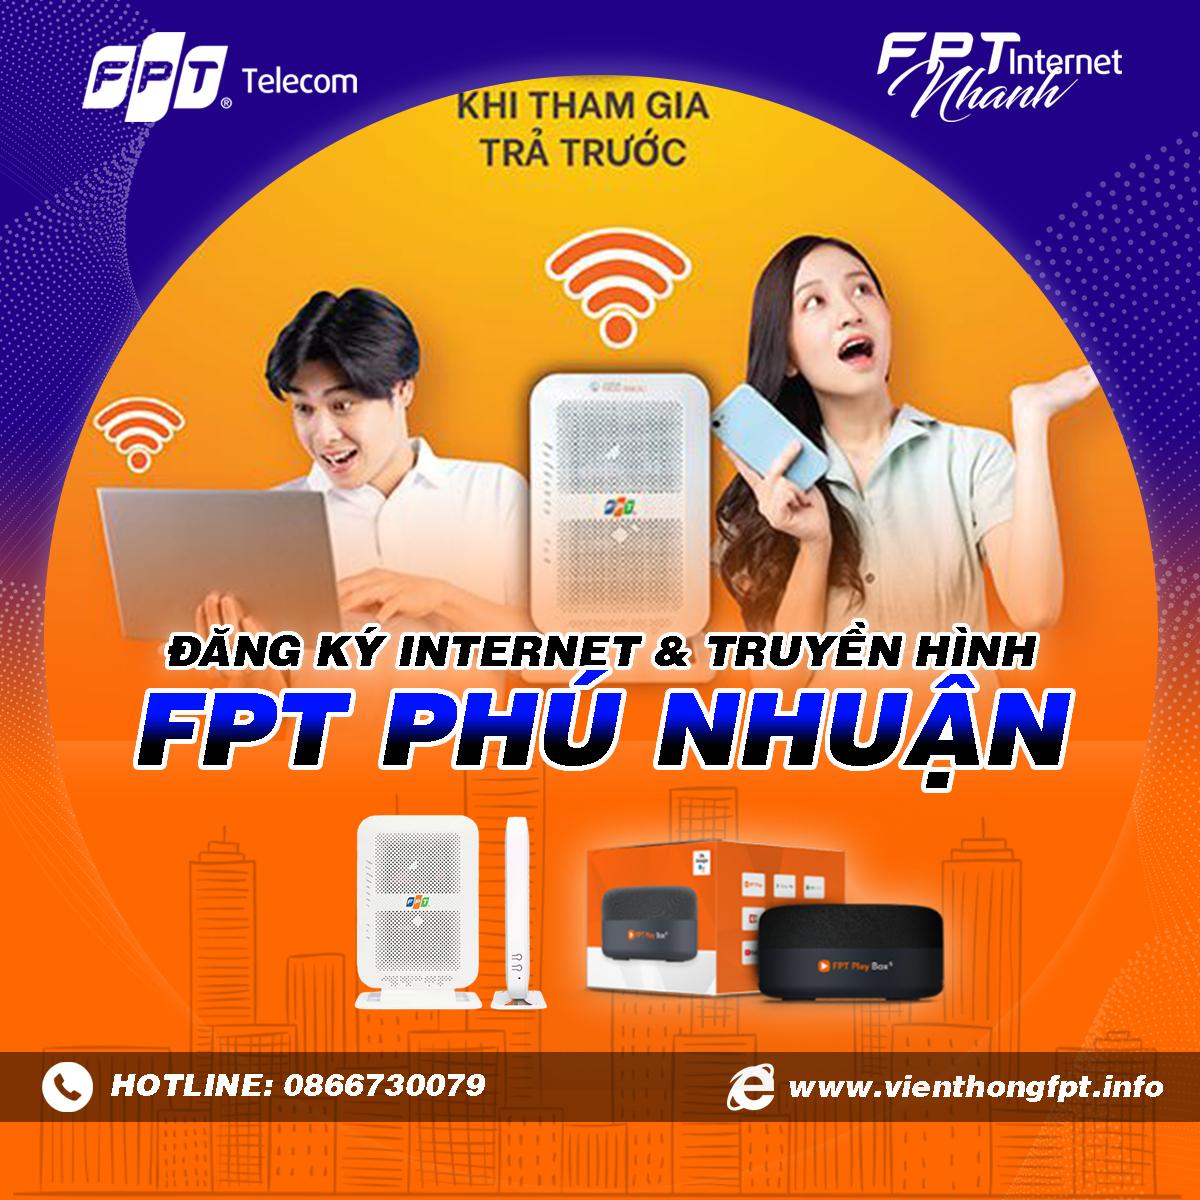 Tổng đài FPT Phú Nhuận - Đăng ký Internet và Truyền hình FPT